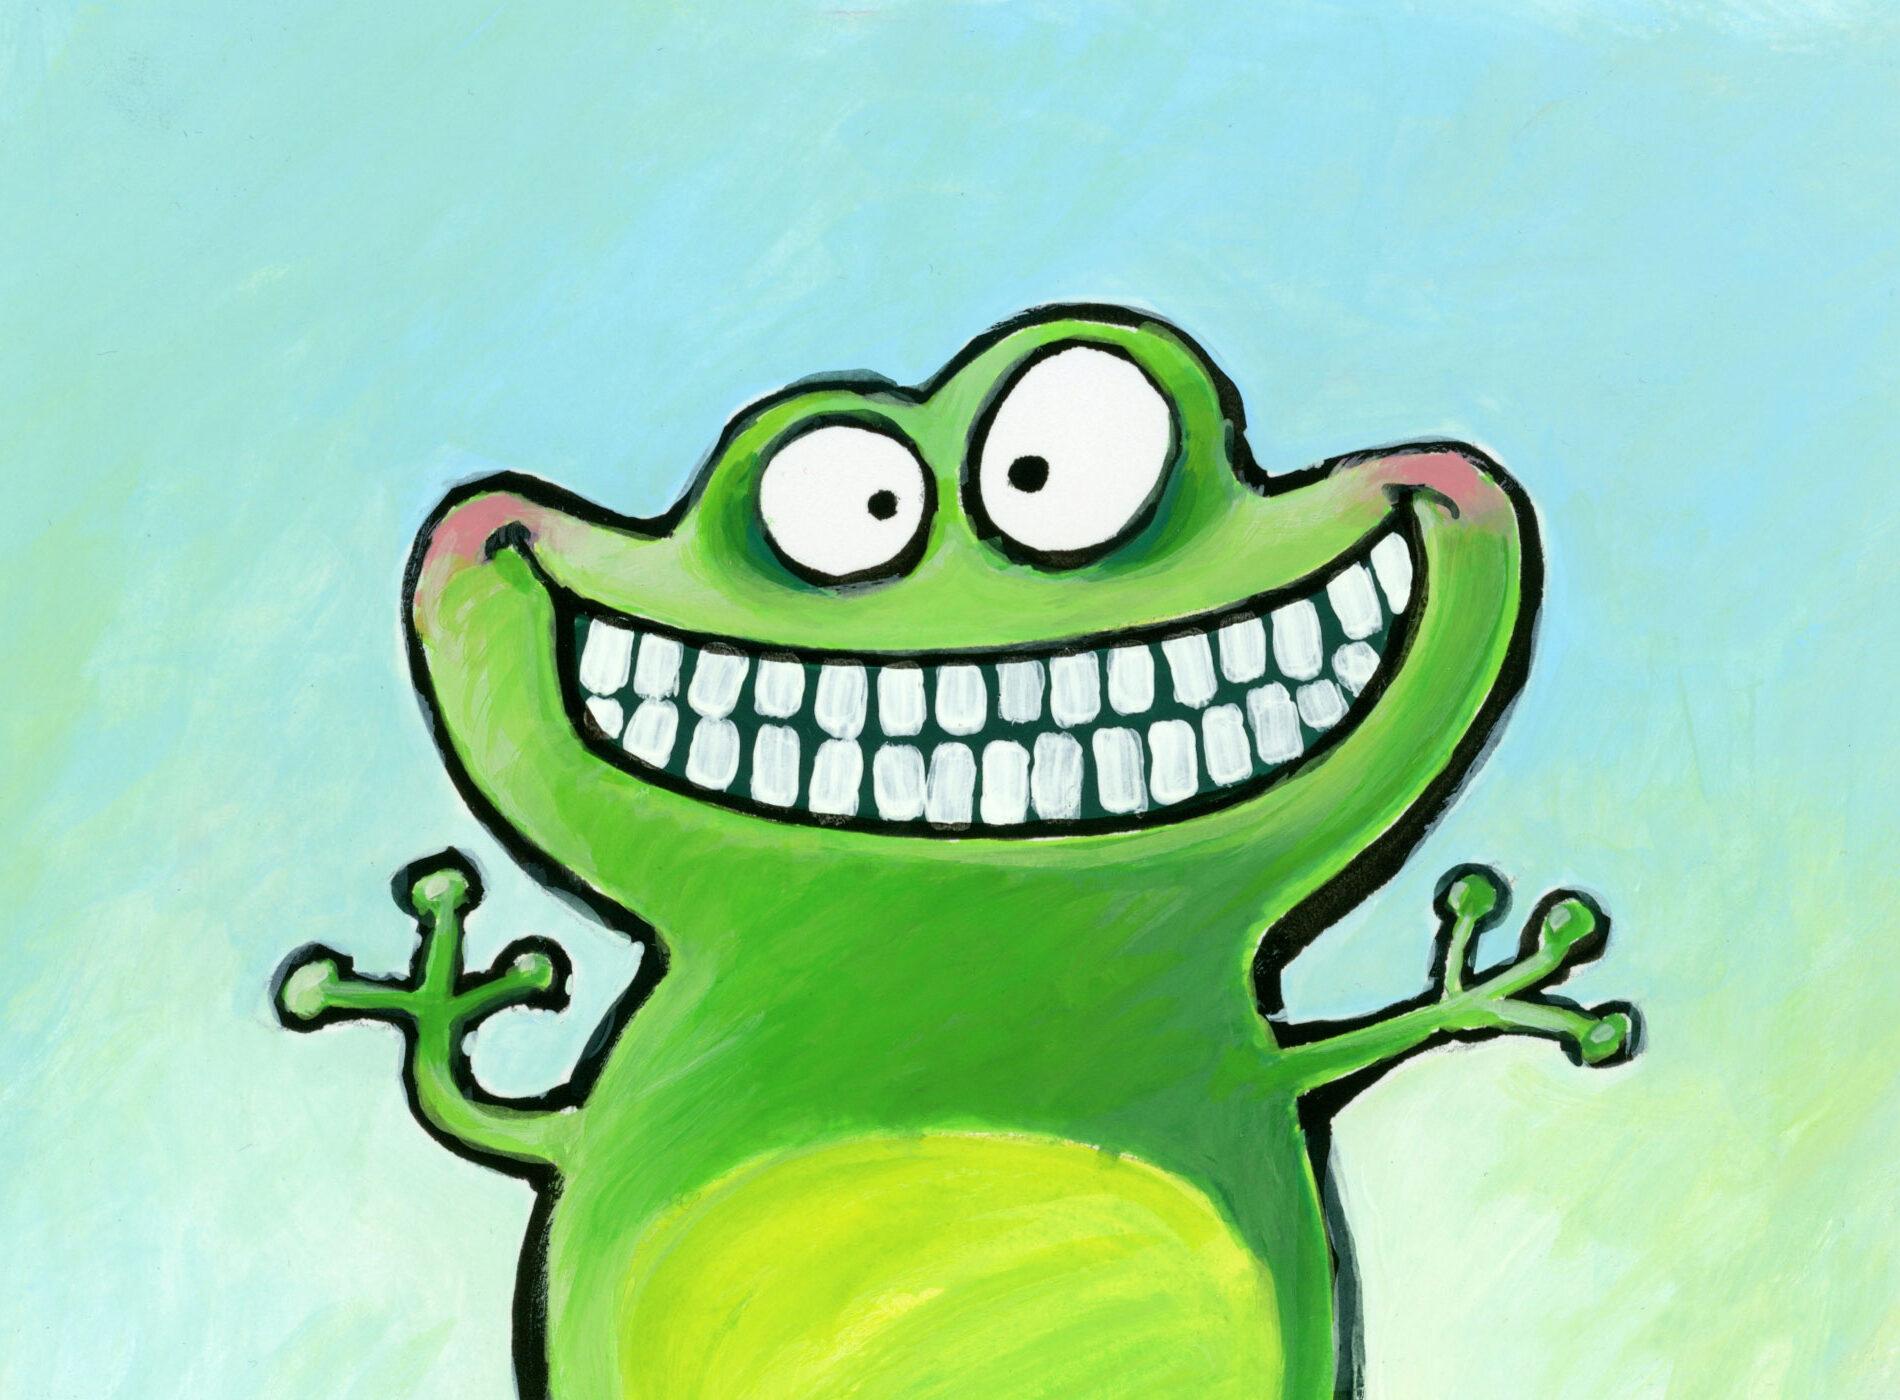 Frosch_Startseite-2000